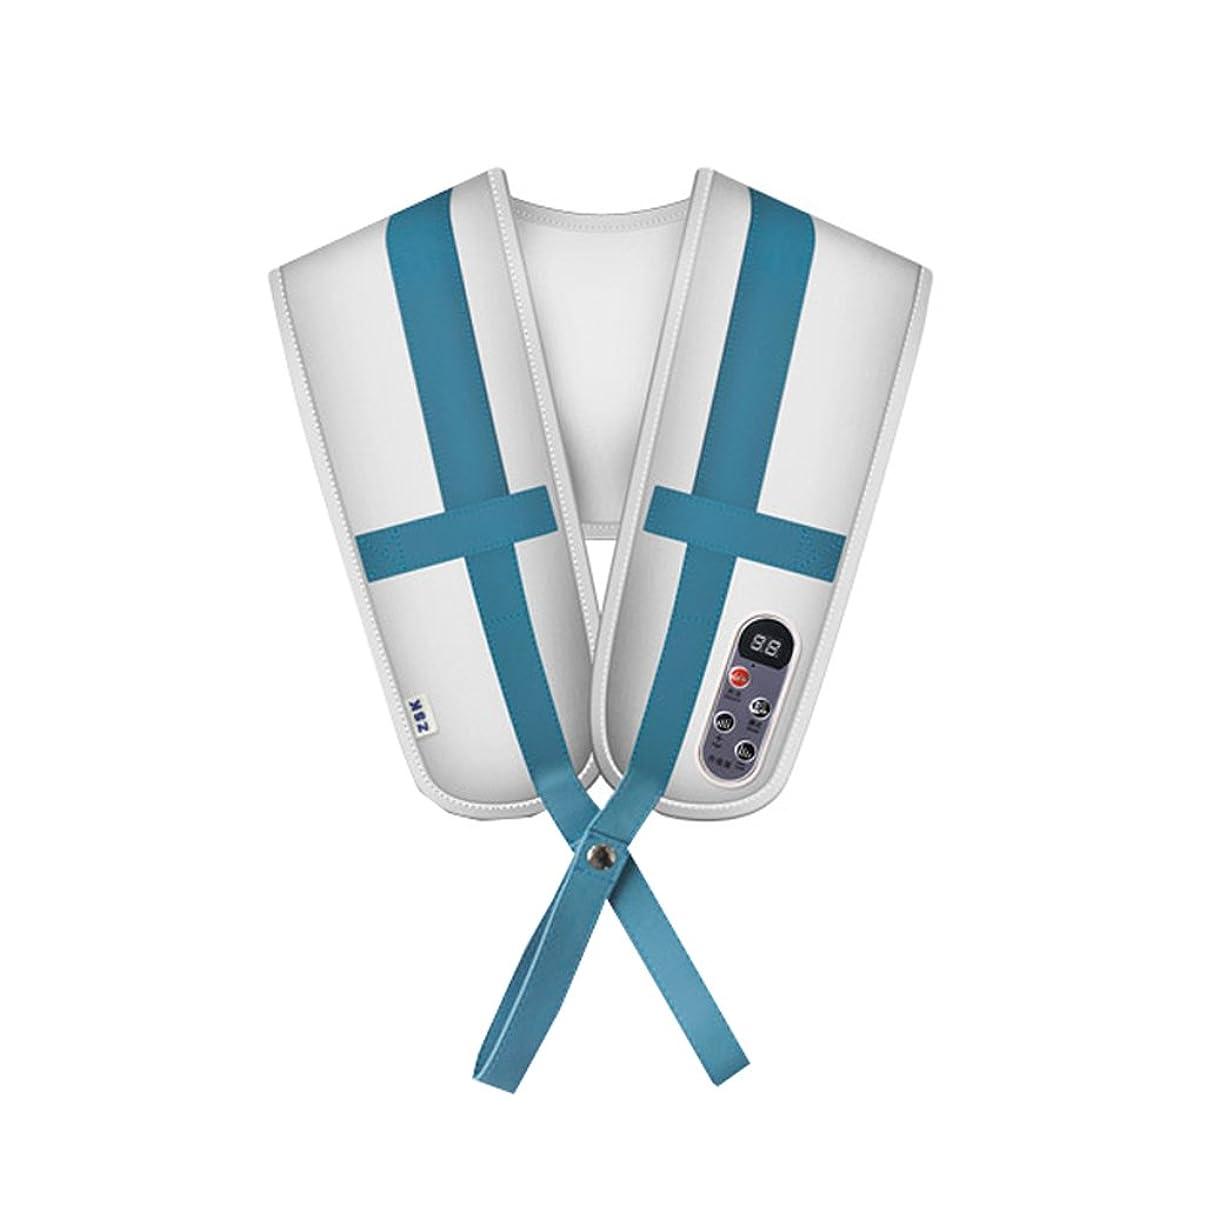 ミルク意気消沈した反応する首と肩のマッサージショール頸部マッサージャーのウエストショルダーバックデバイス